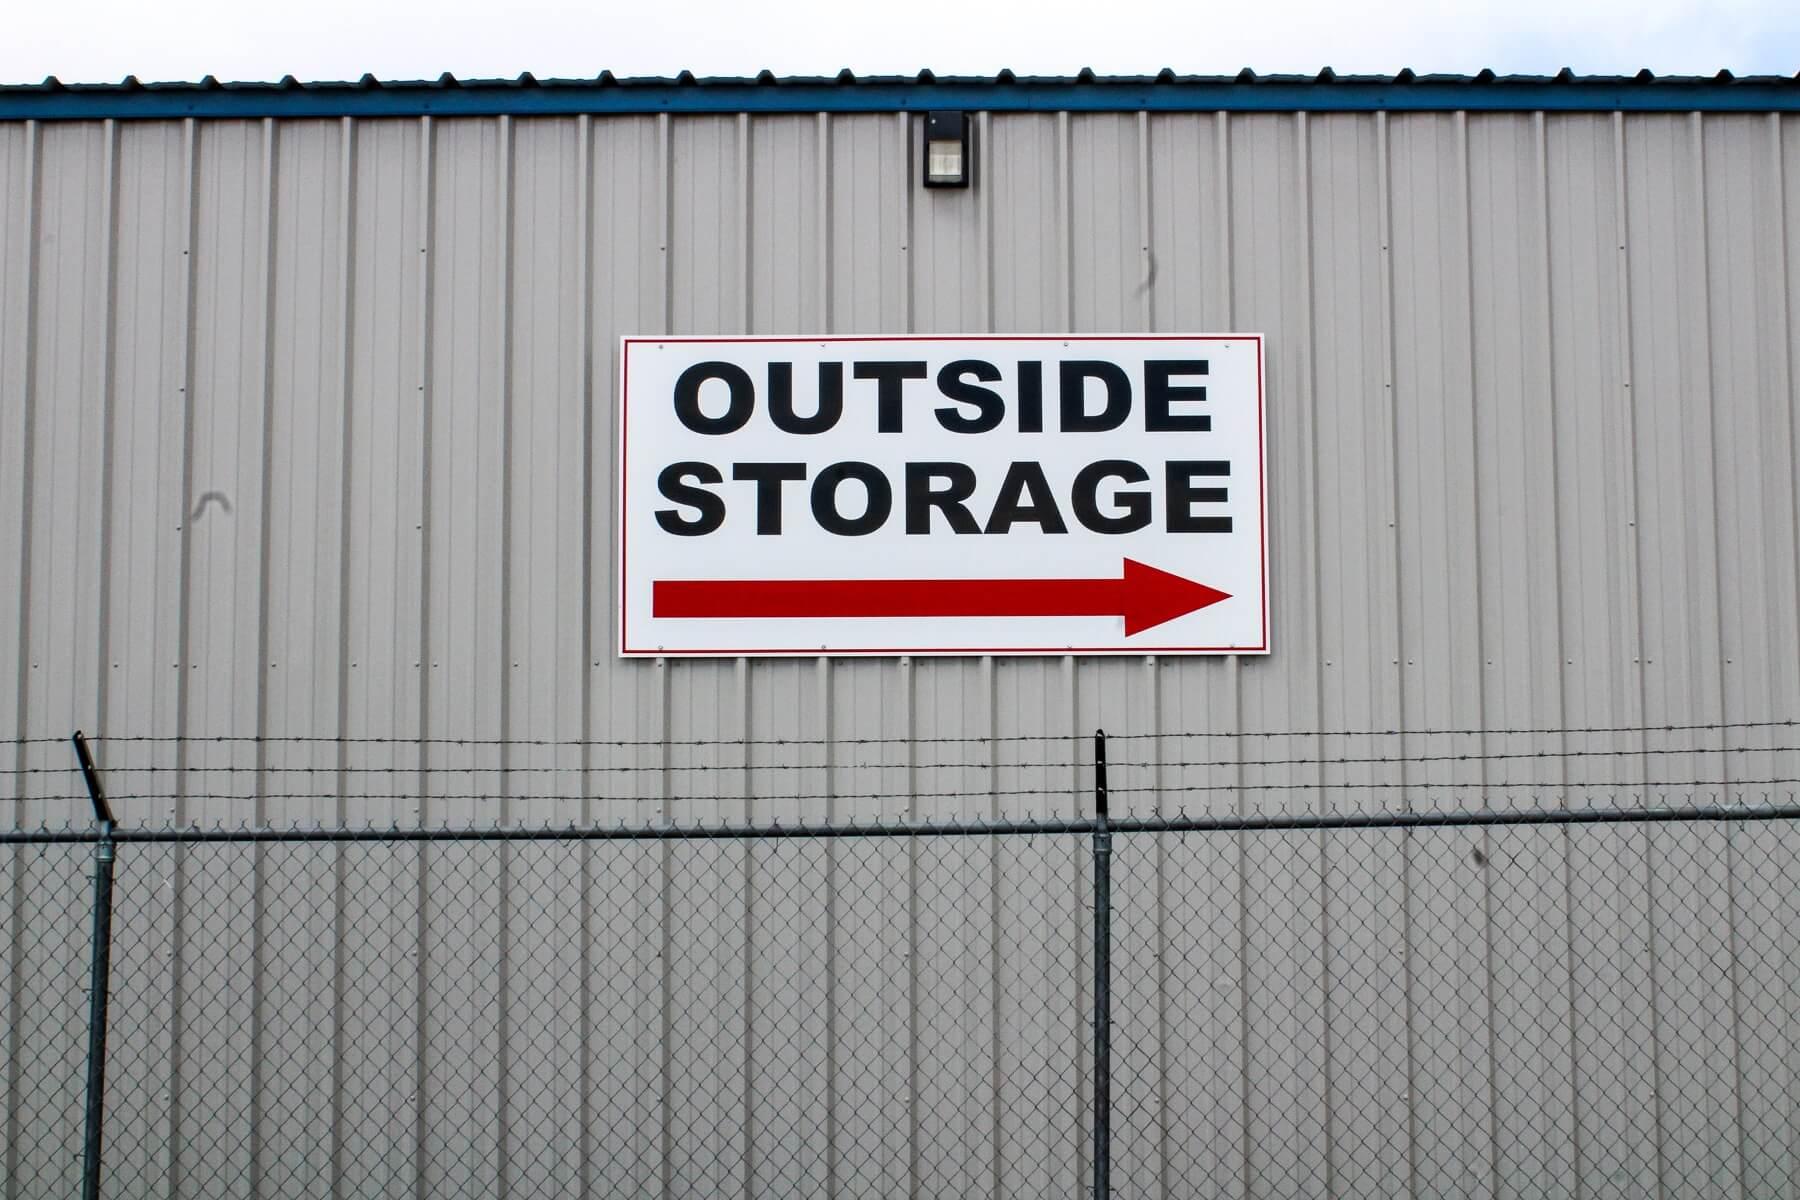 outdoor storage signage